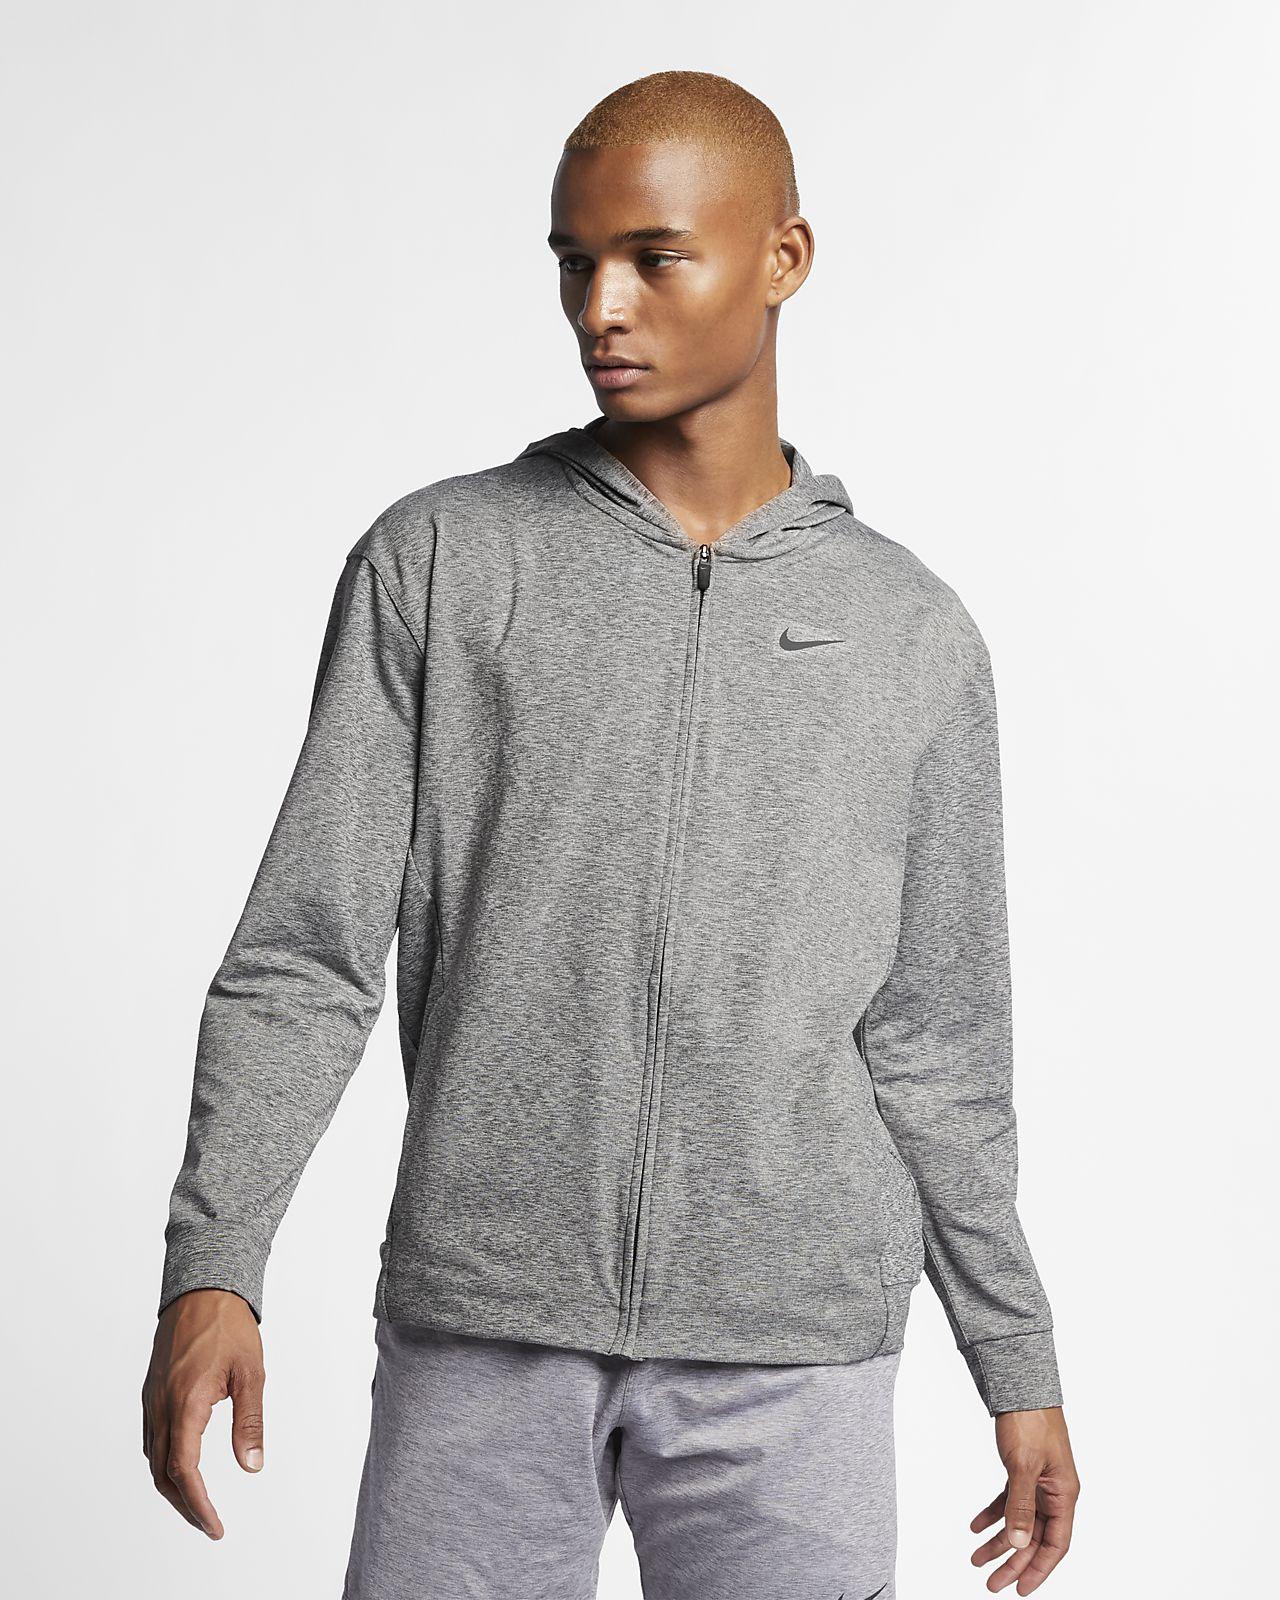 Nike Dri-FIT Dessuadora amb caputxa i cremallera completa d'entrenament de ioga - Home